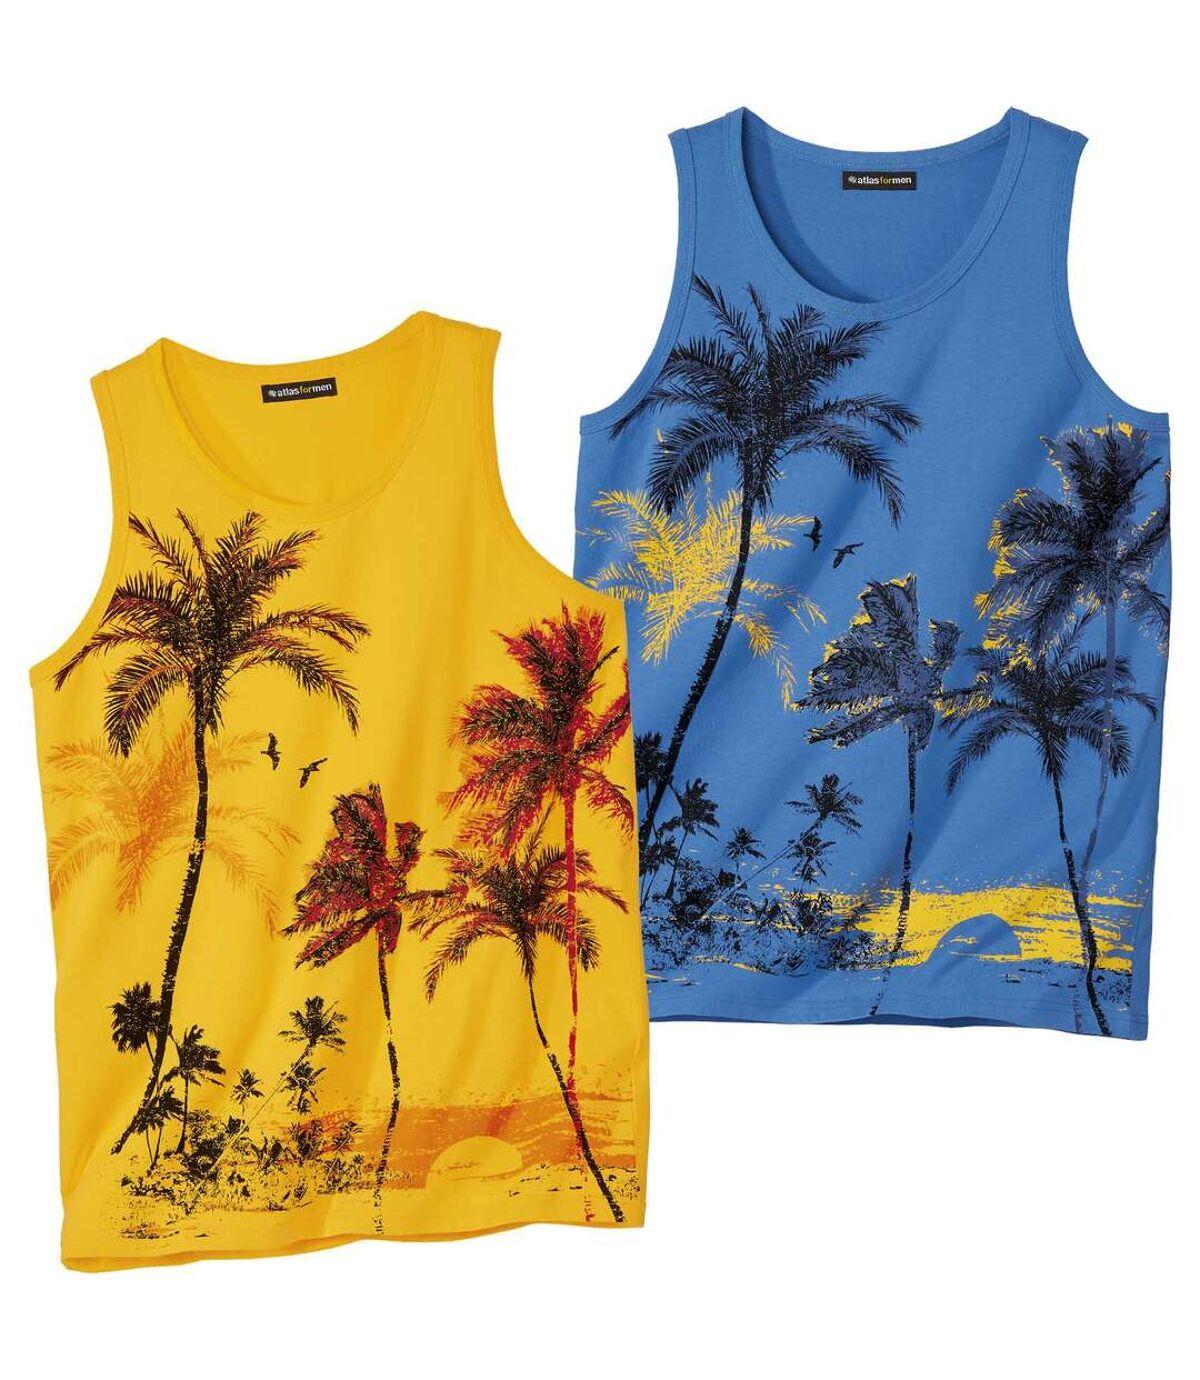 2er-Pack Tanktops Palm Summer Atlas For Men